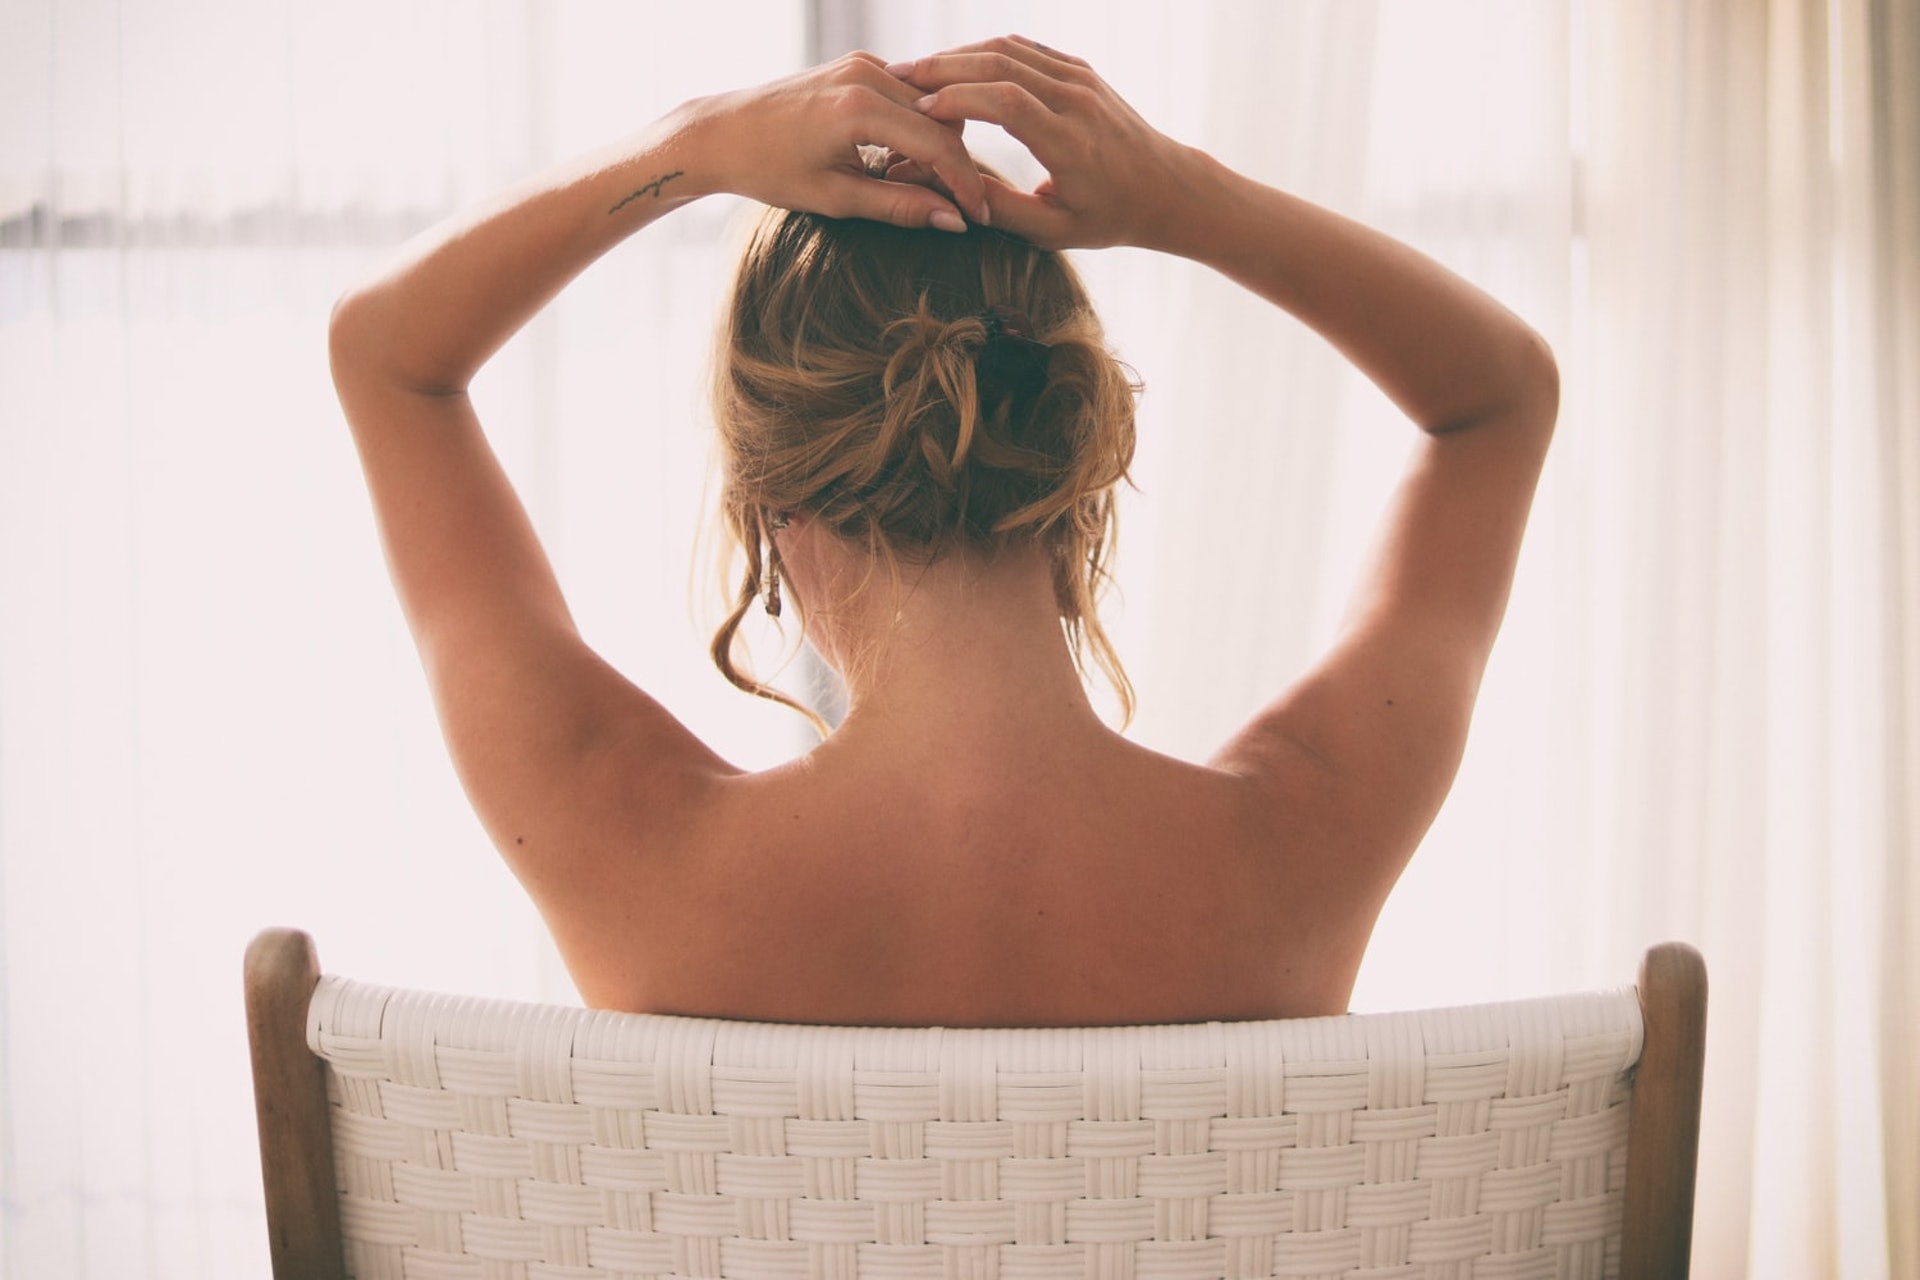 自我檢查乳房是關注乳房健康的第一道防線,女士們應培養這個習慣。(jernejgraj/unsplash)